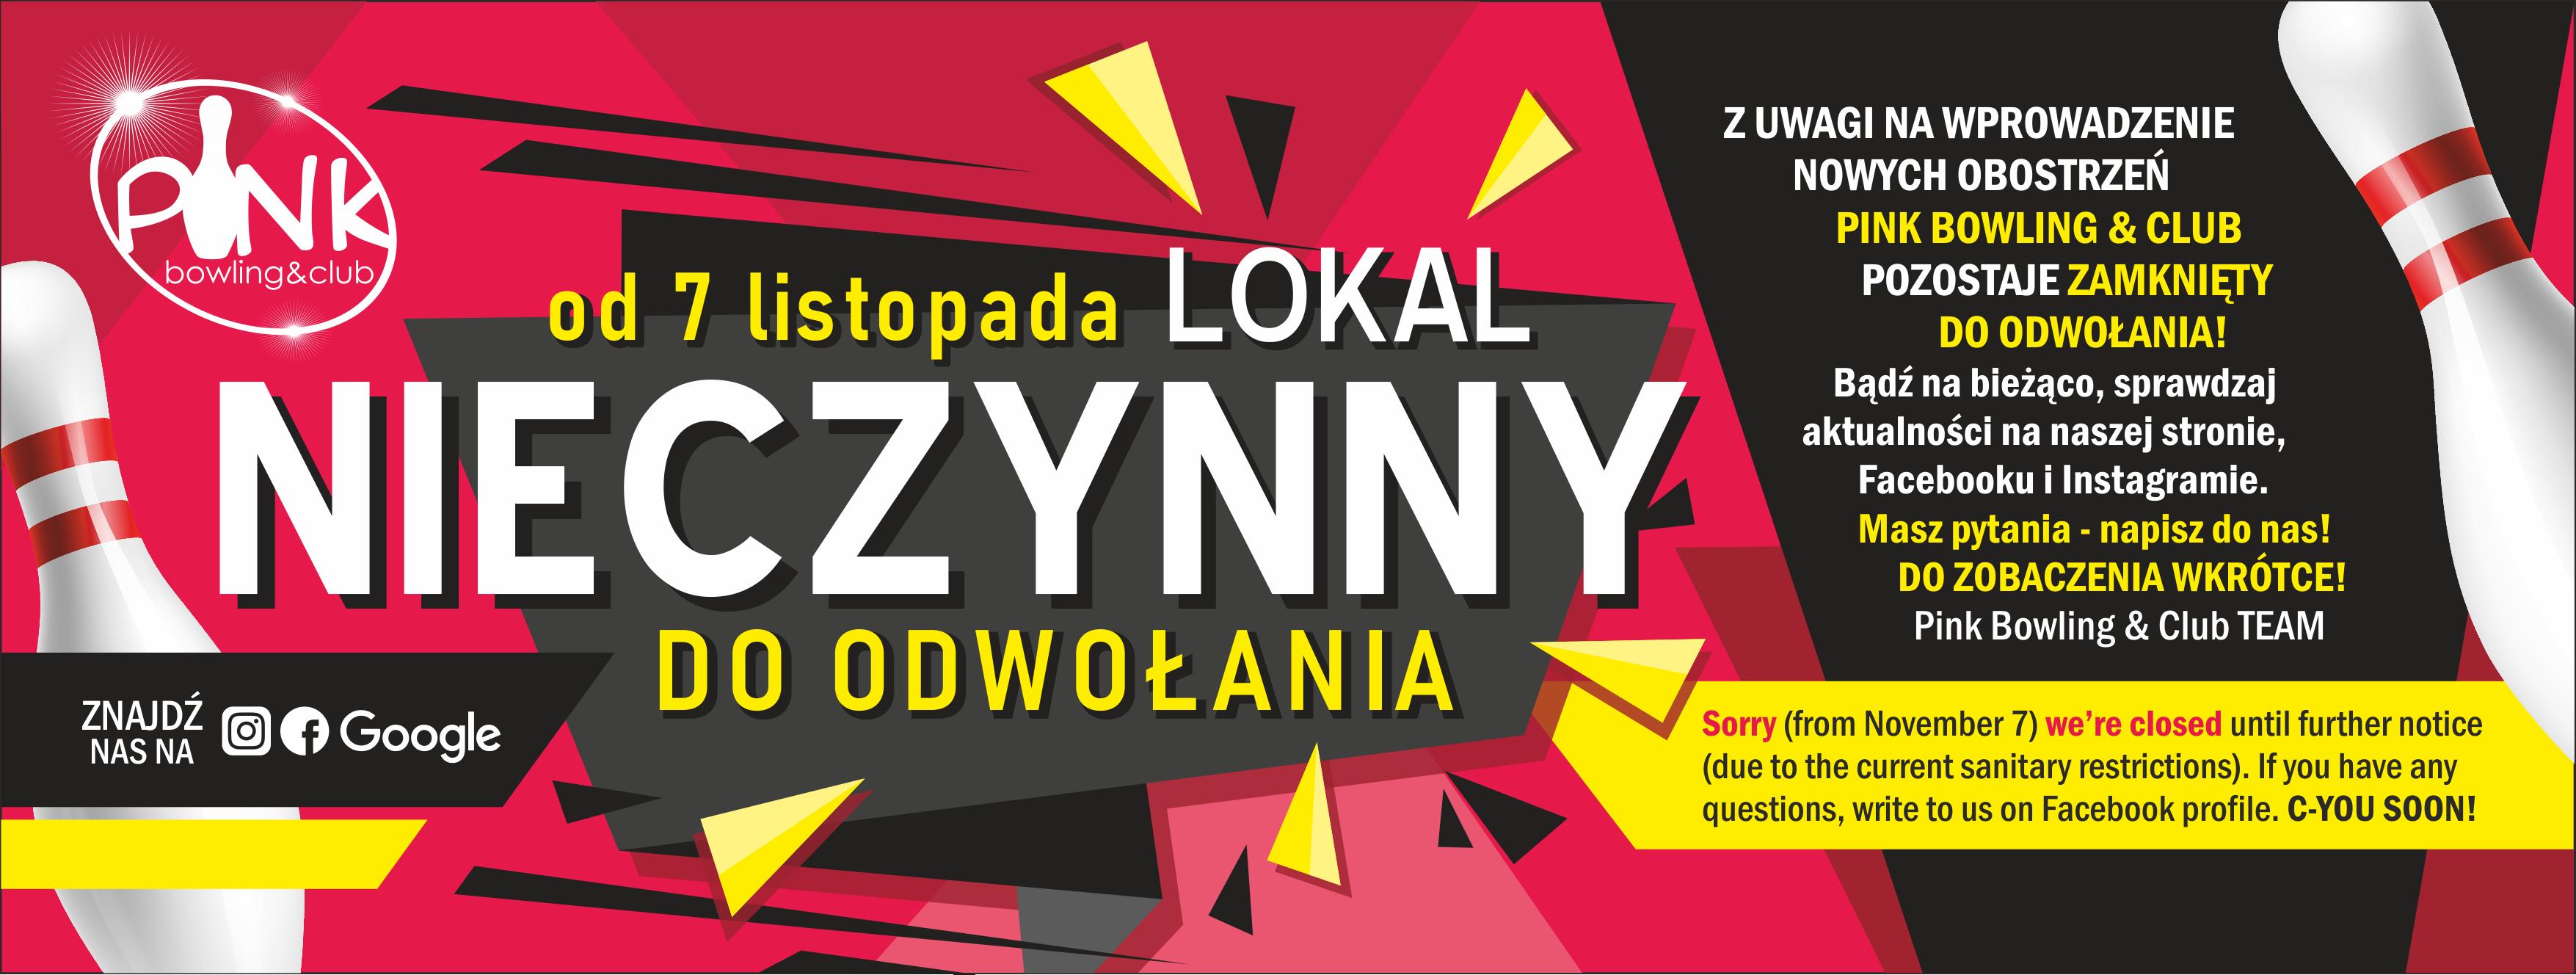 pink_bowling_club_krakow_close_zamknięte_covid19_lockdown3